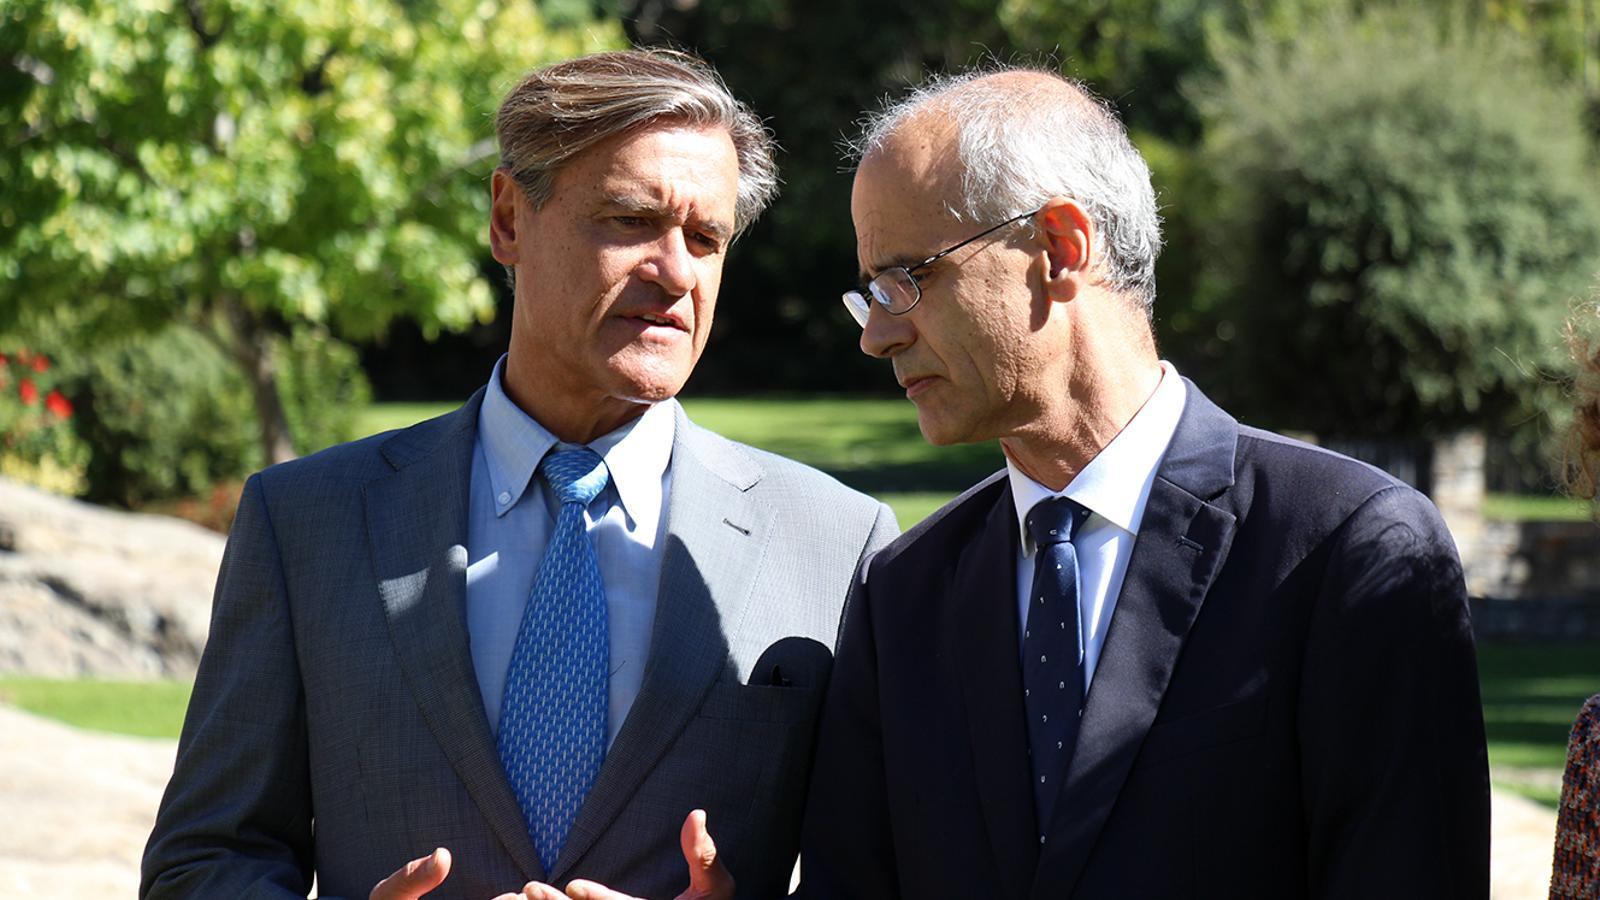 Juan Fernando López Aguilar i Toni Martí, aquest dijous. / M. M. (ANA)